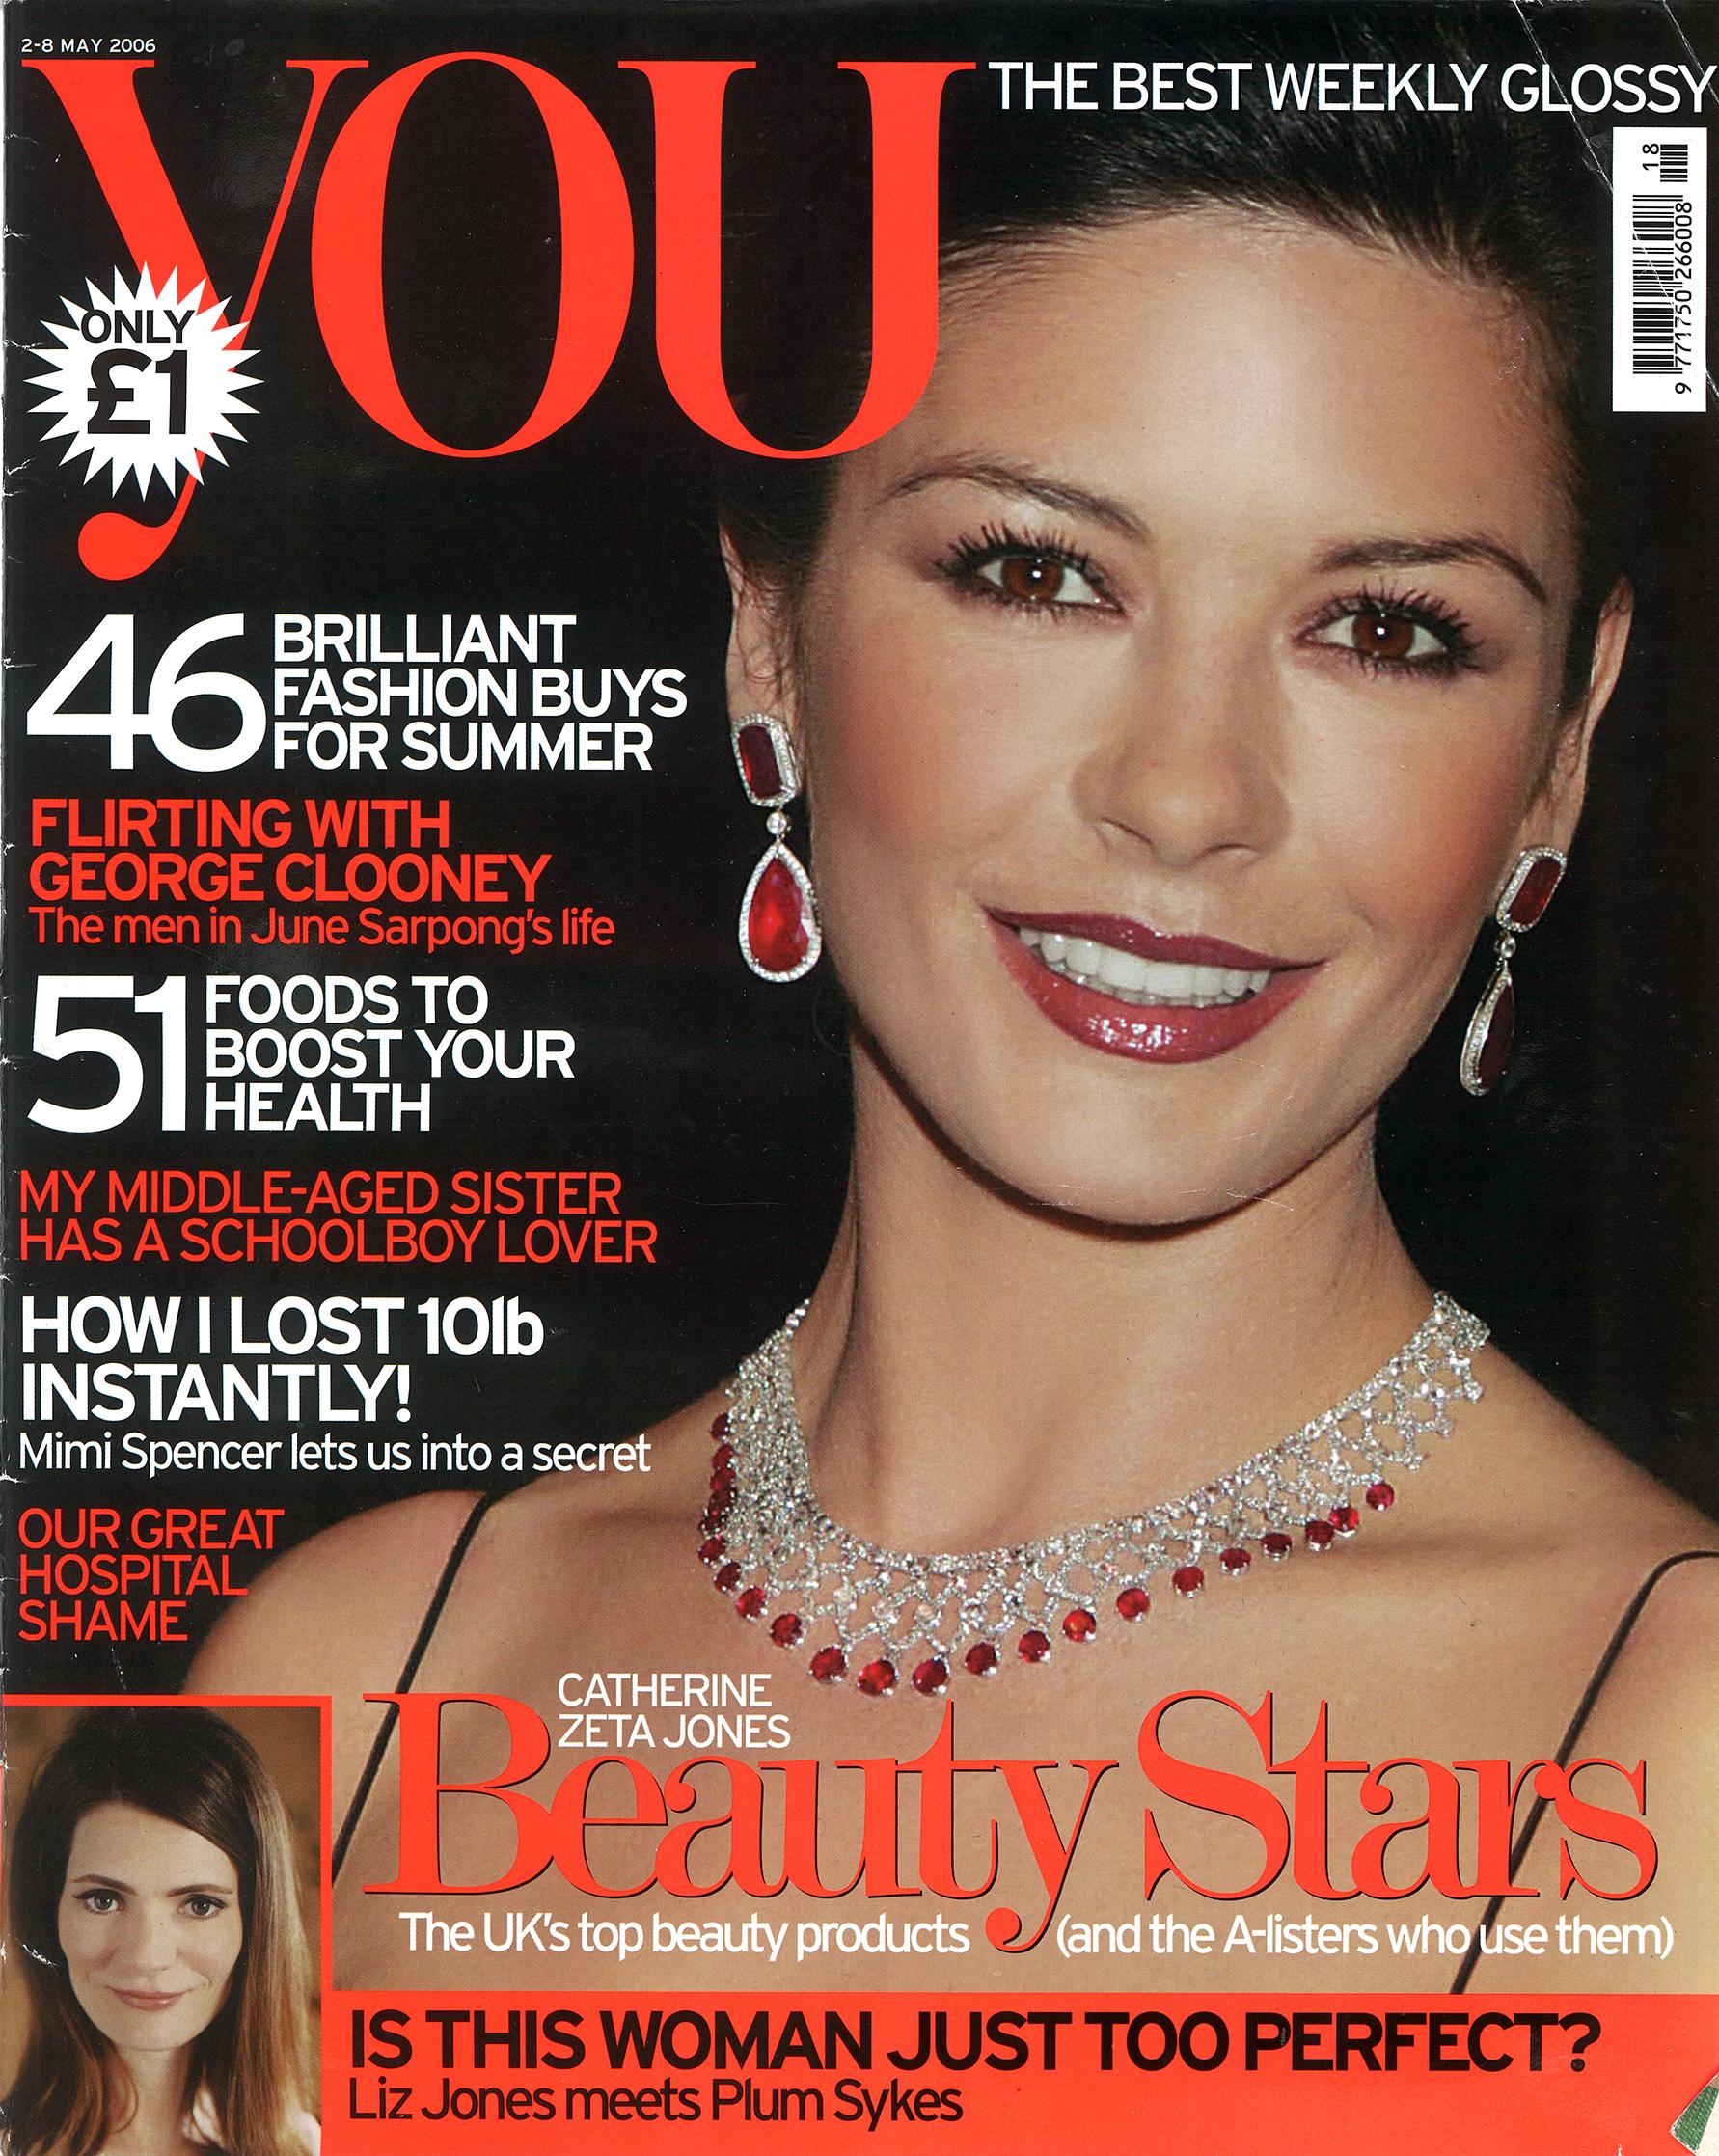 Julia-Robson-YOU-mag-David-Downton-May-2006-1(of3)